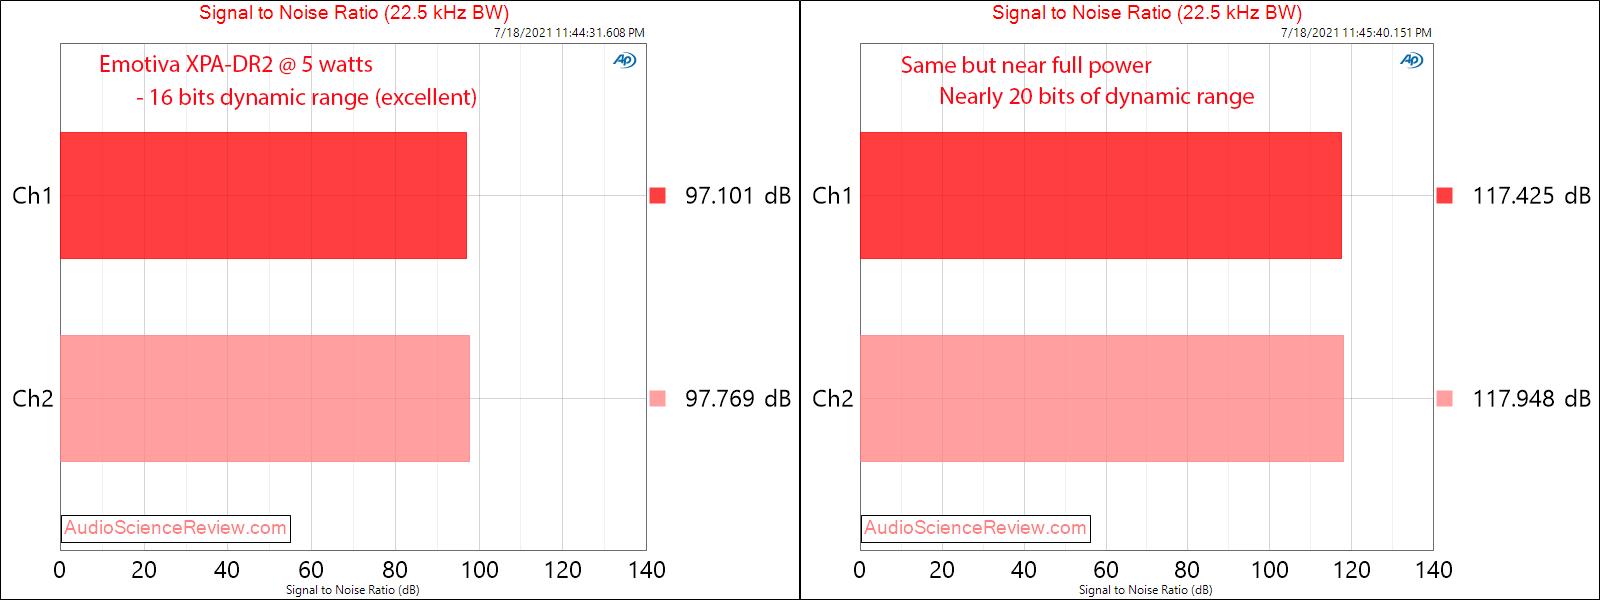 Emotiva XPA-DR2 Gen 3 SNR Measurements Differential Power Amplifier.png